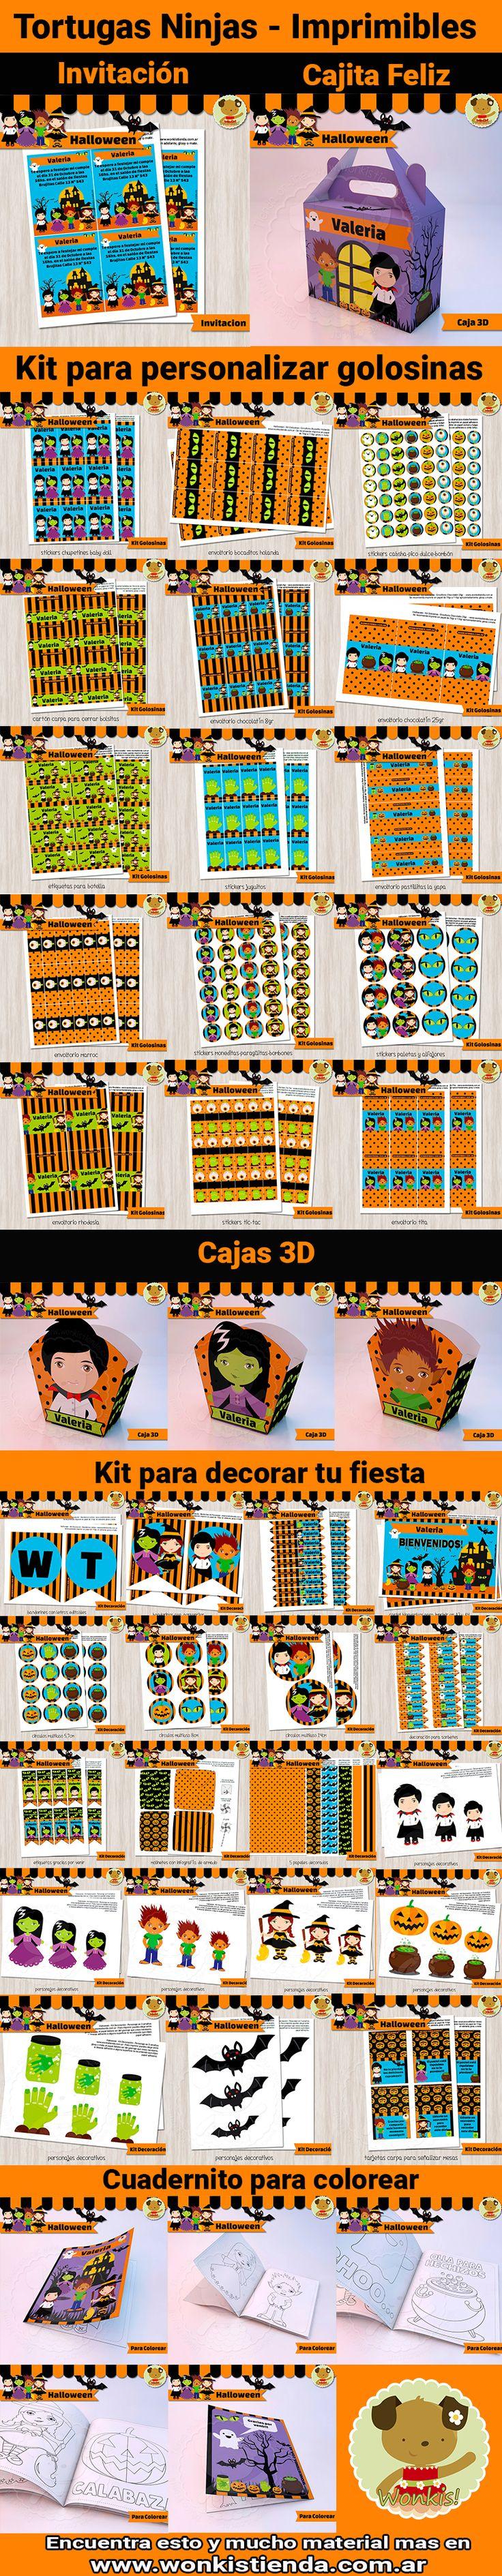 Las más tiernas y tenebrosas decoraciones para #Halloween que podrás usar en una fiesta de cumpleaños o de disfraces. Comienza a organizar la fiesta de tus sueños en la comodidad de tu casa o donde quiera que estés ● Te invito a conocer nuestros imprimibles: http\://www.wonkistienda.com.ar/kits-imprimibles/halloween #imprimibles #kitsimprimibles #vampiro #dracula #bruja #hombrelobo #diseño #infantil #cumpleaños #fiesta